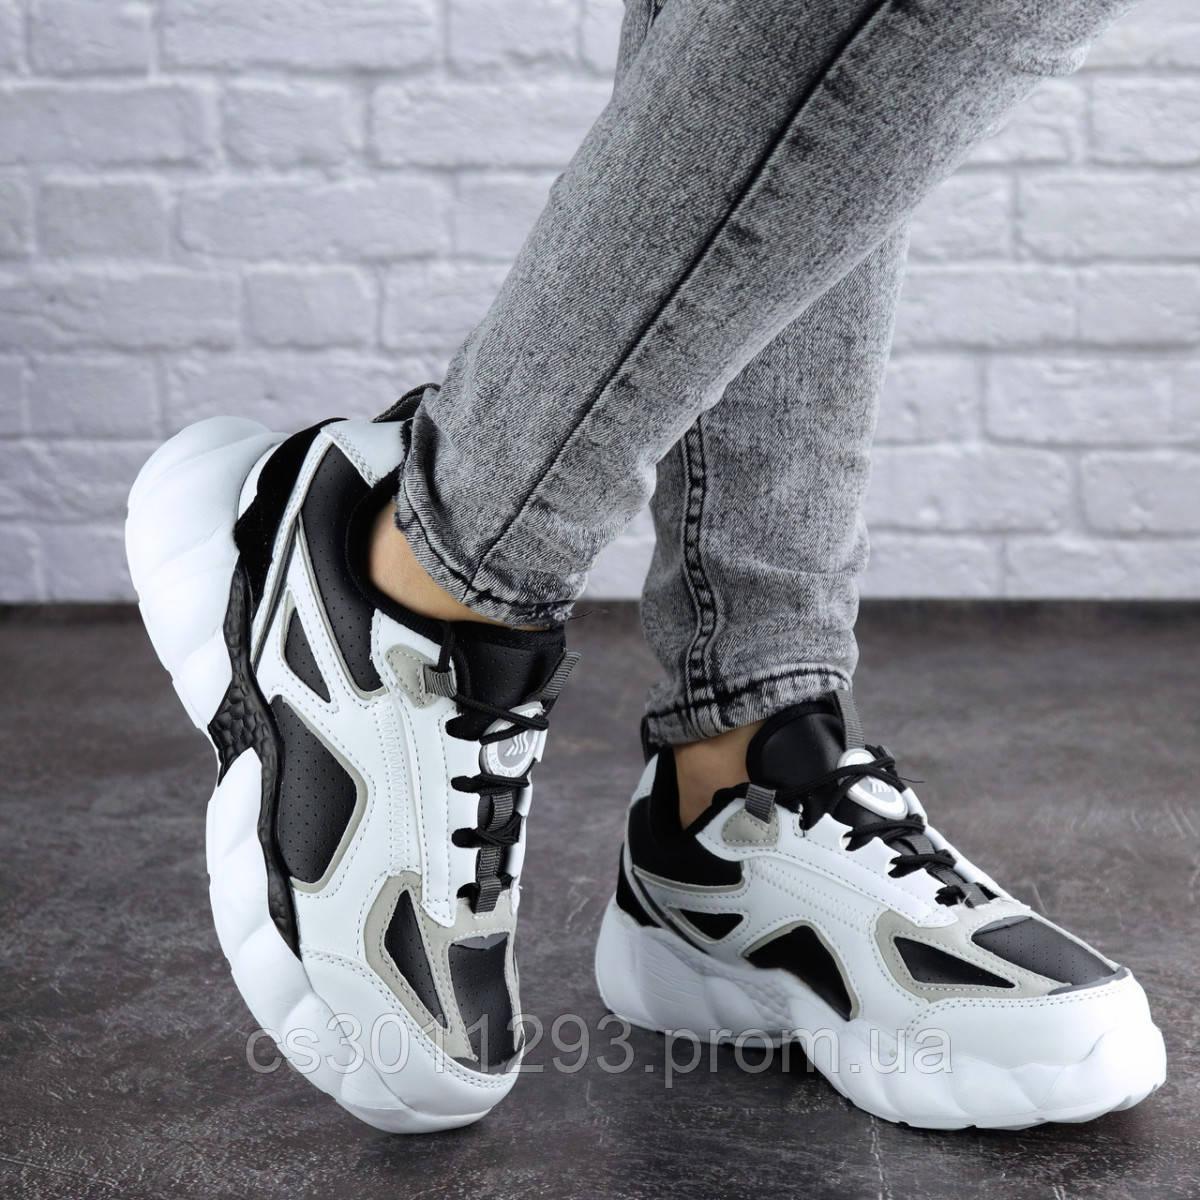 Женские кроссовки Fashion Bruno 1995 36 размер 23 см Белый